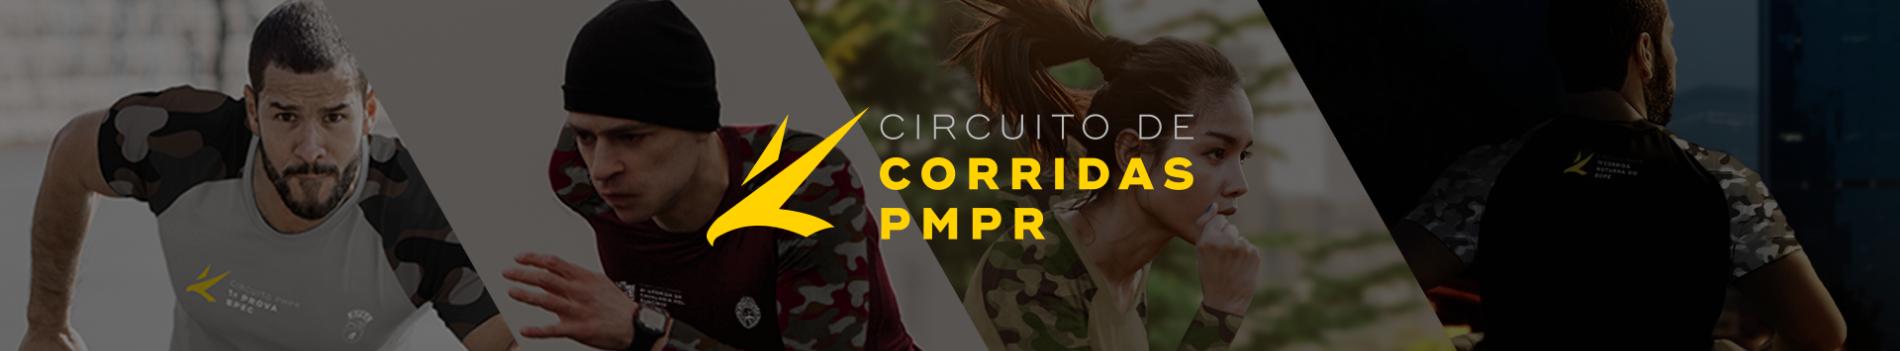 CIRCUITO PMPR - COMBO ETAPAS